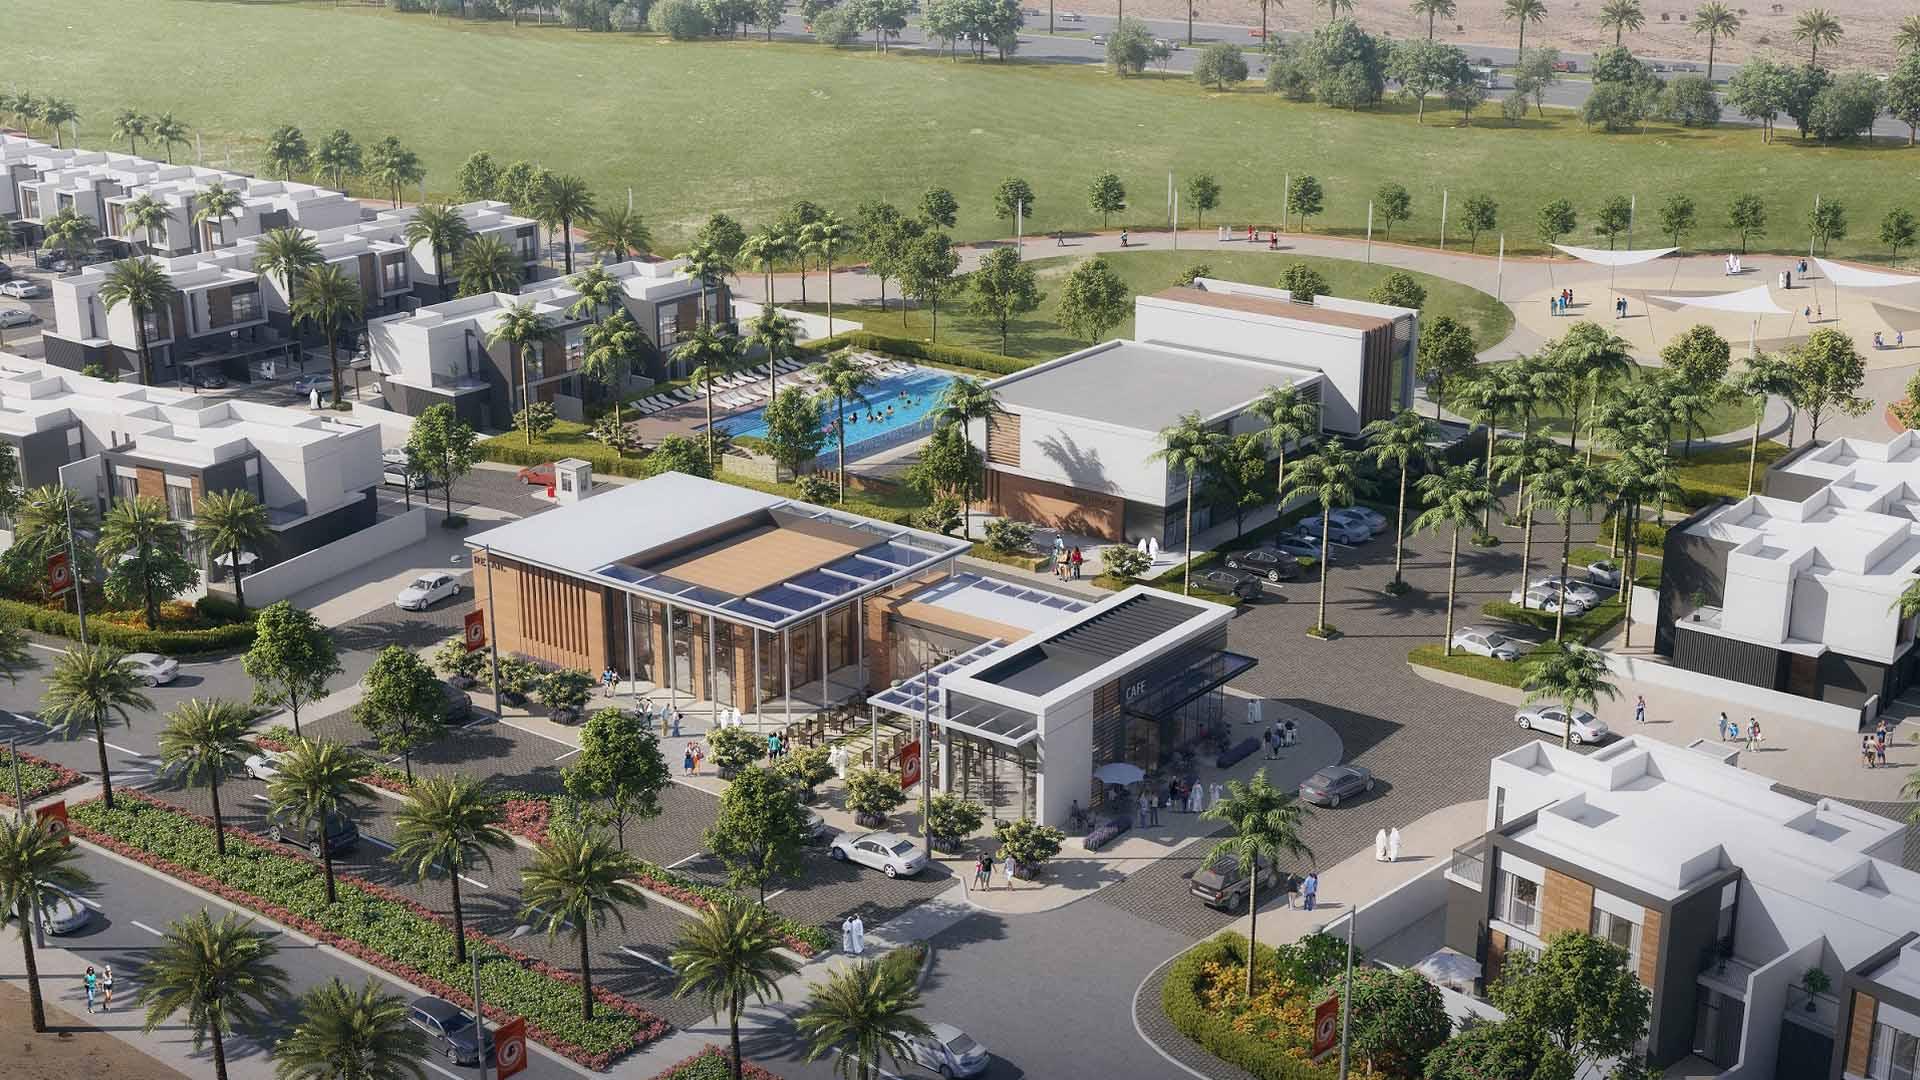 Adosado en venta en Dubai, EAU, 3 dormitorios, 241 m2, № 24637 – foto 2